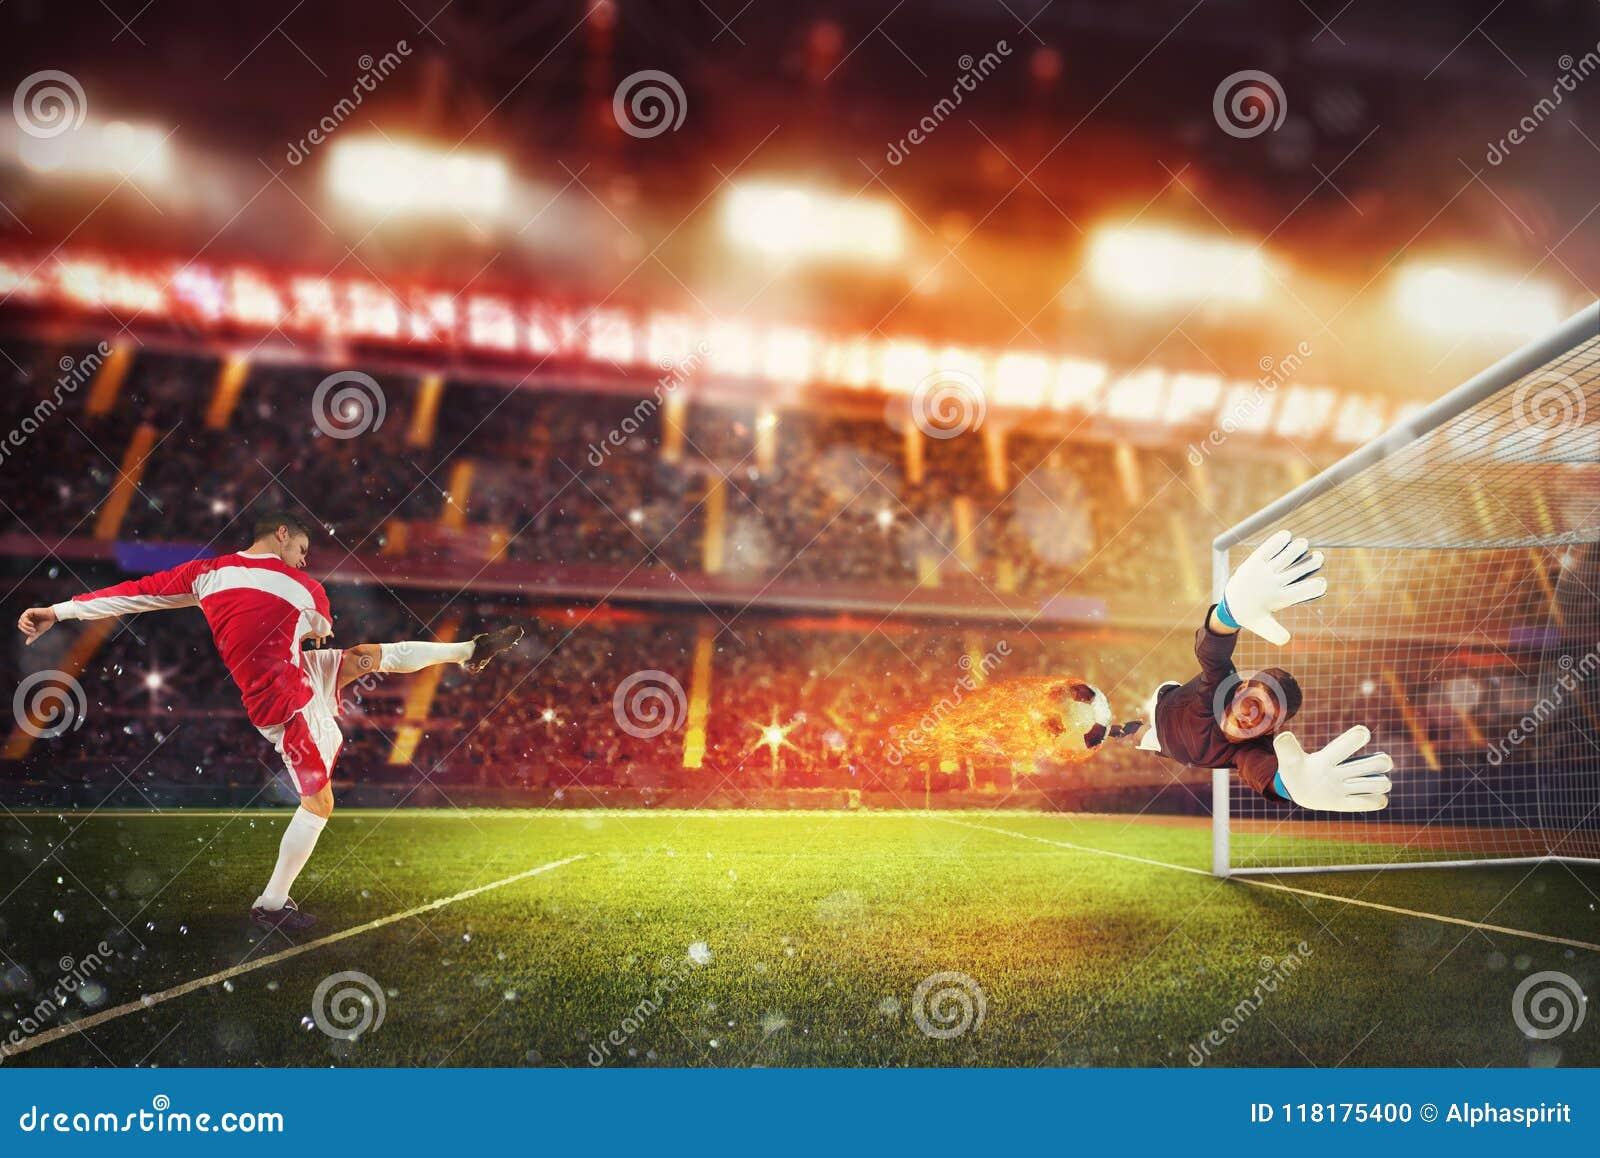 De voetbalstriker raakt de bal met genoeg bevoegdheid om op brand te gaan